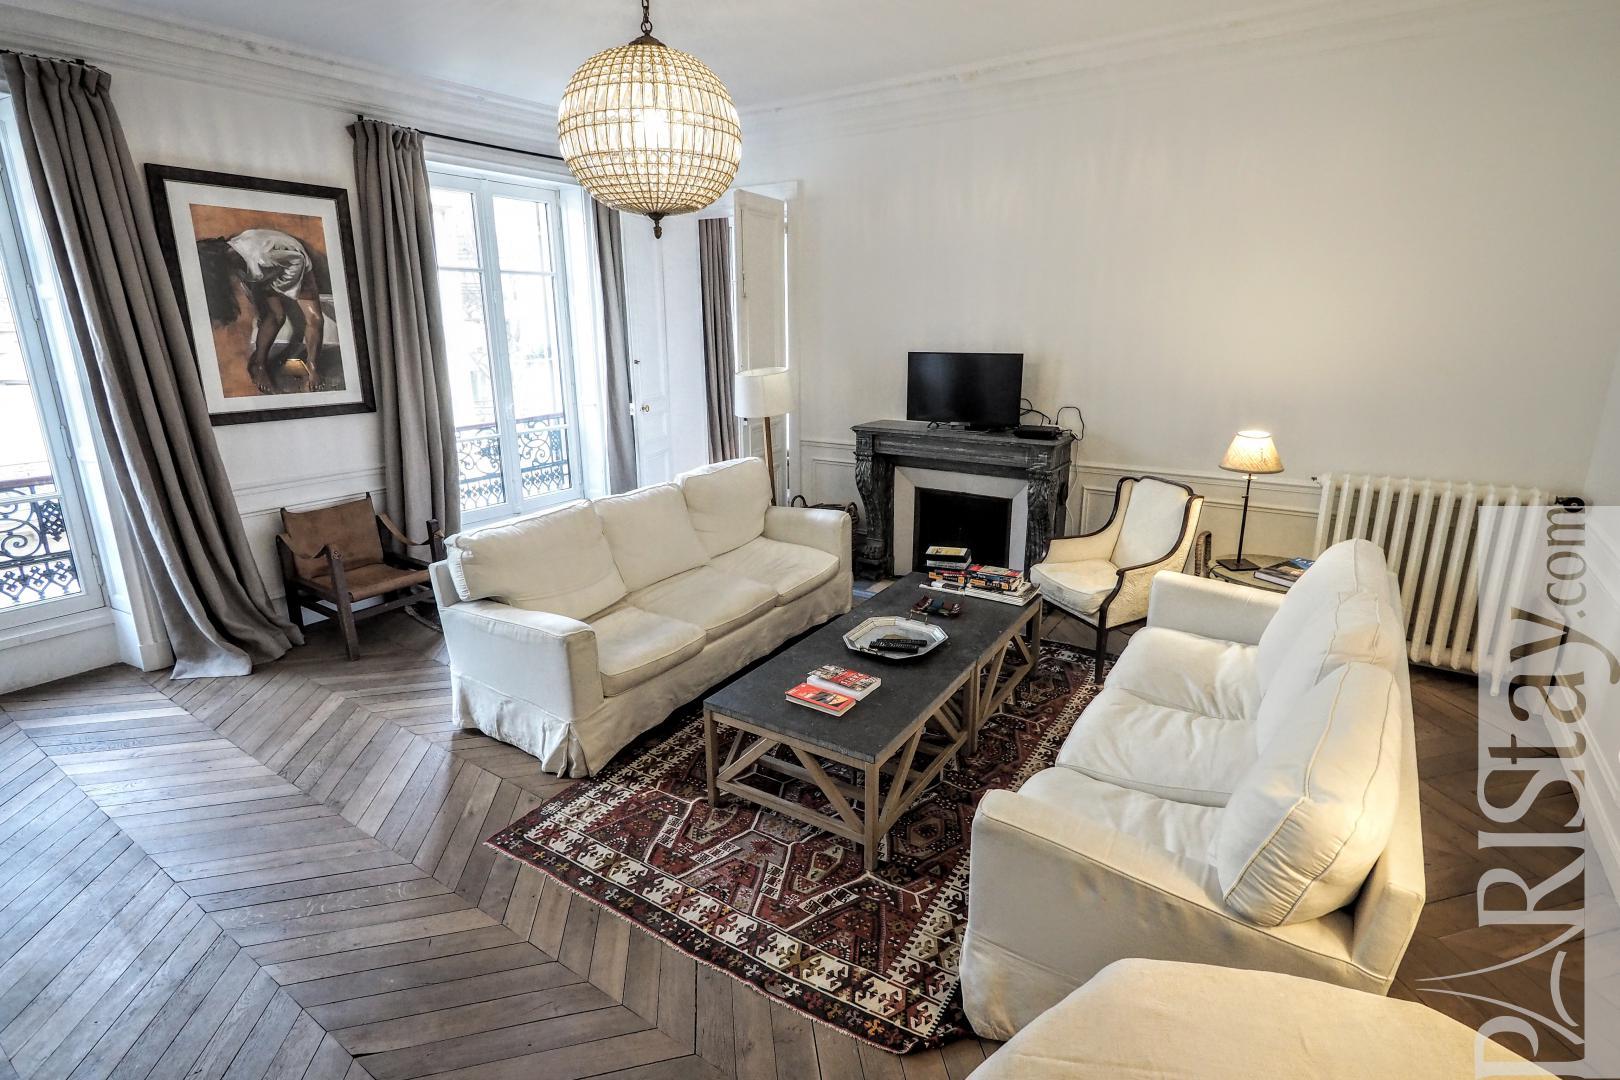 Apartment for rent in Paris France Latin quarter...